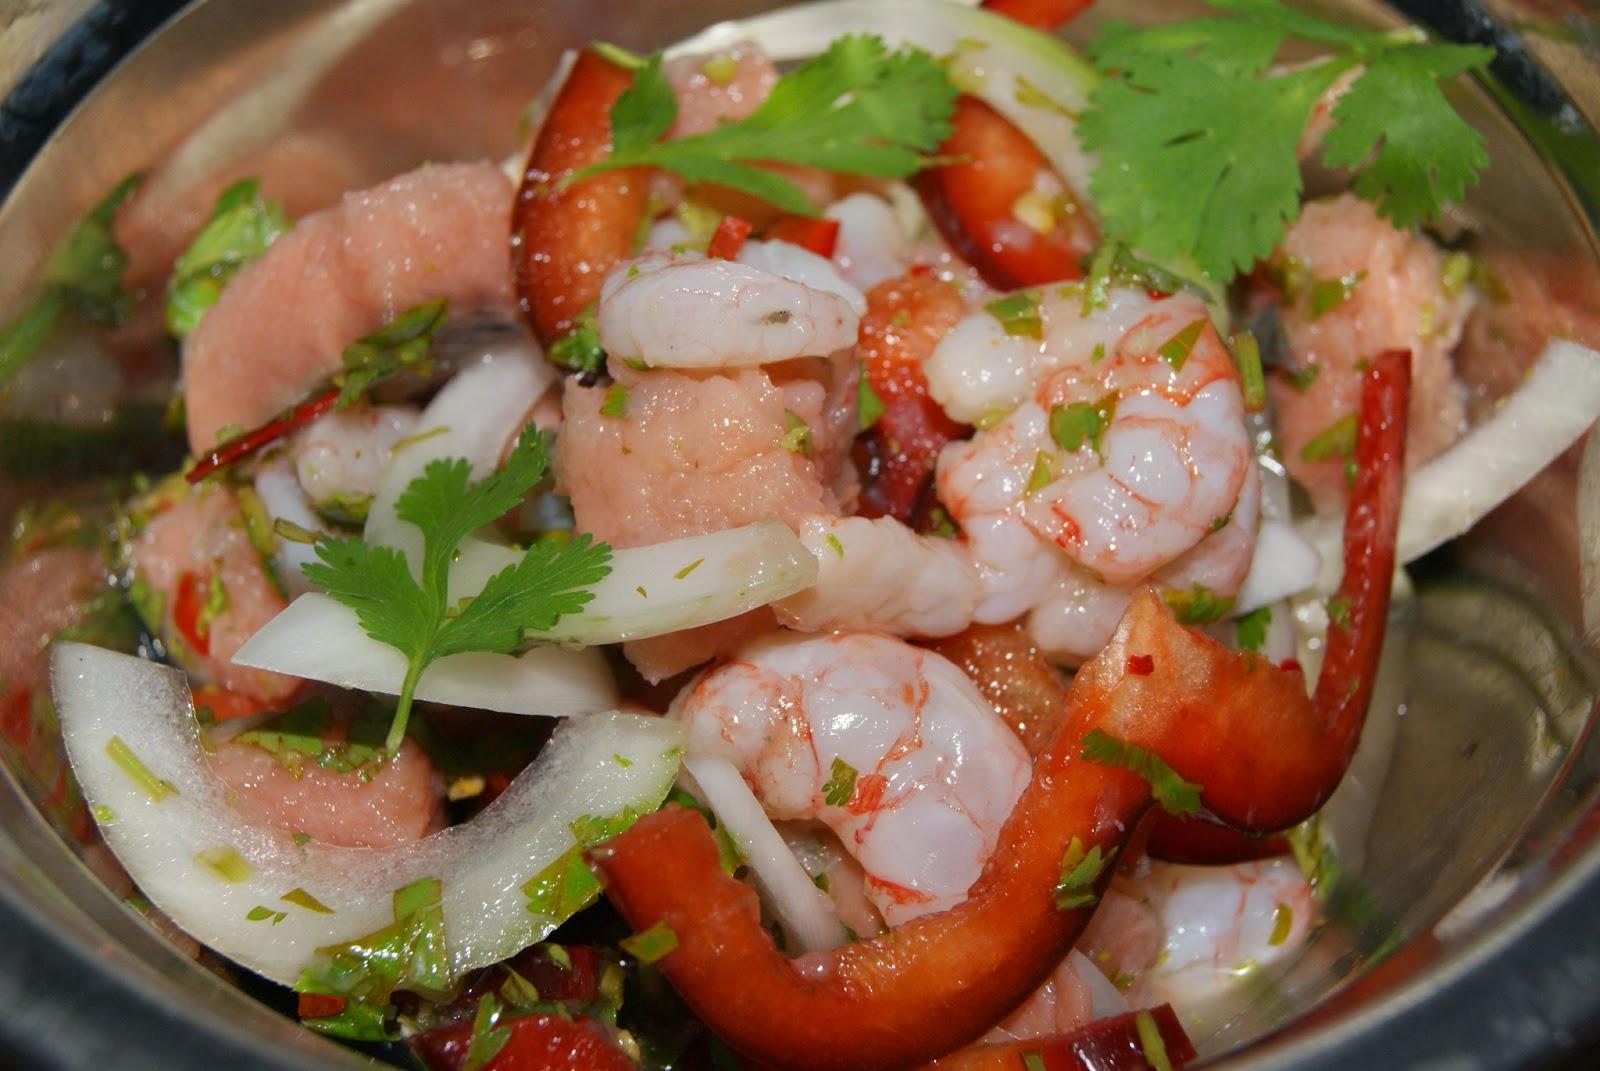 En verano apetecen recetas frescas, por eso este ceviche resulta ideal ...